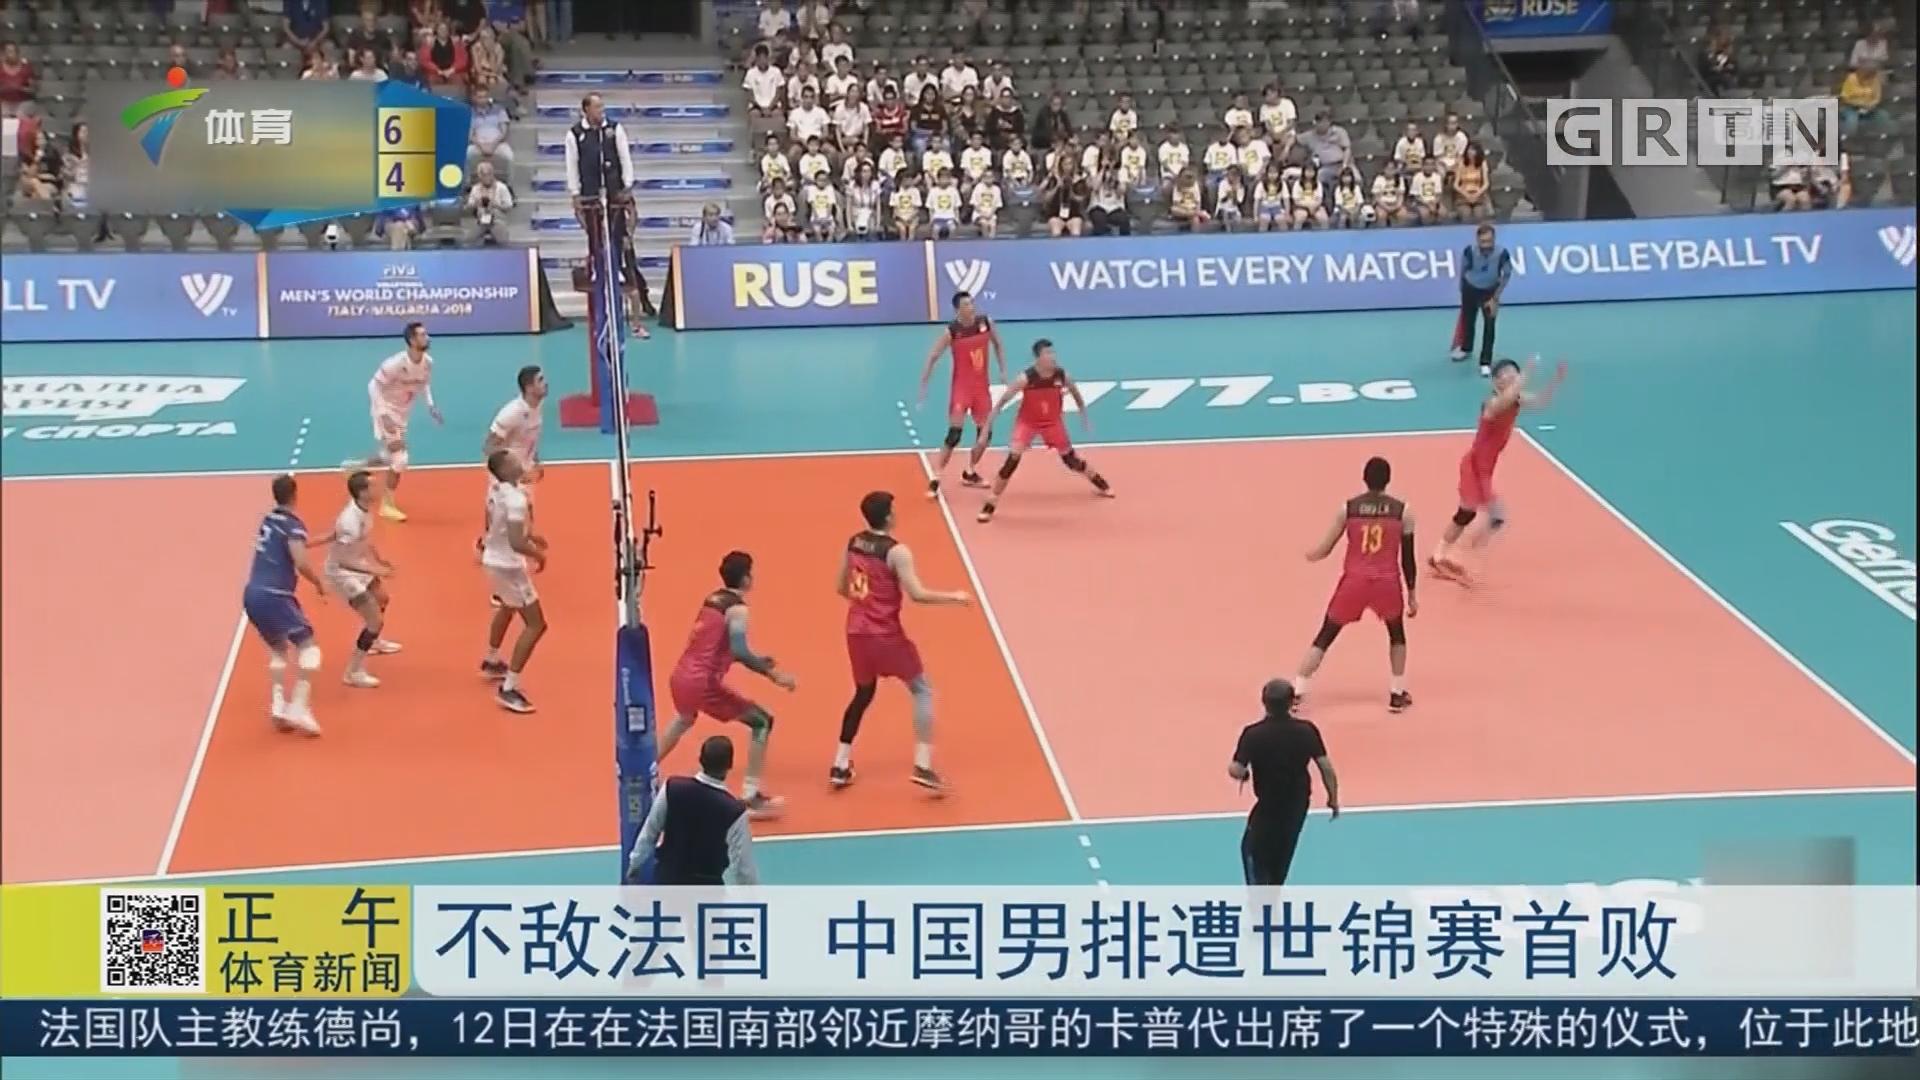 不敌法国 中国男排遭世锦赛首败